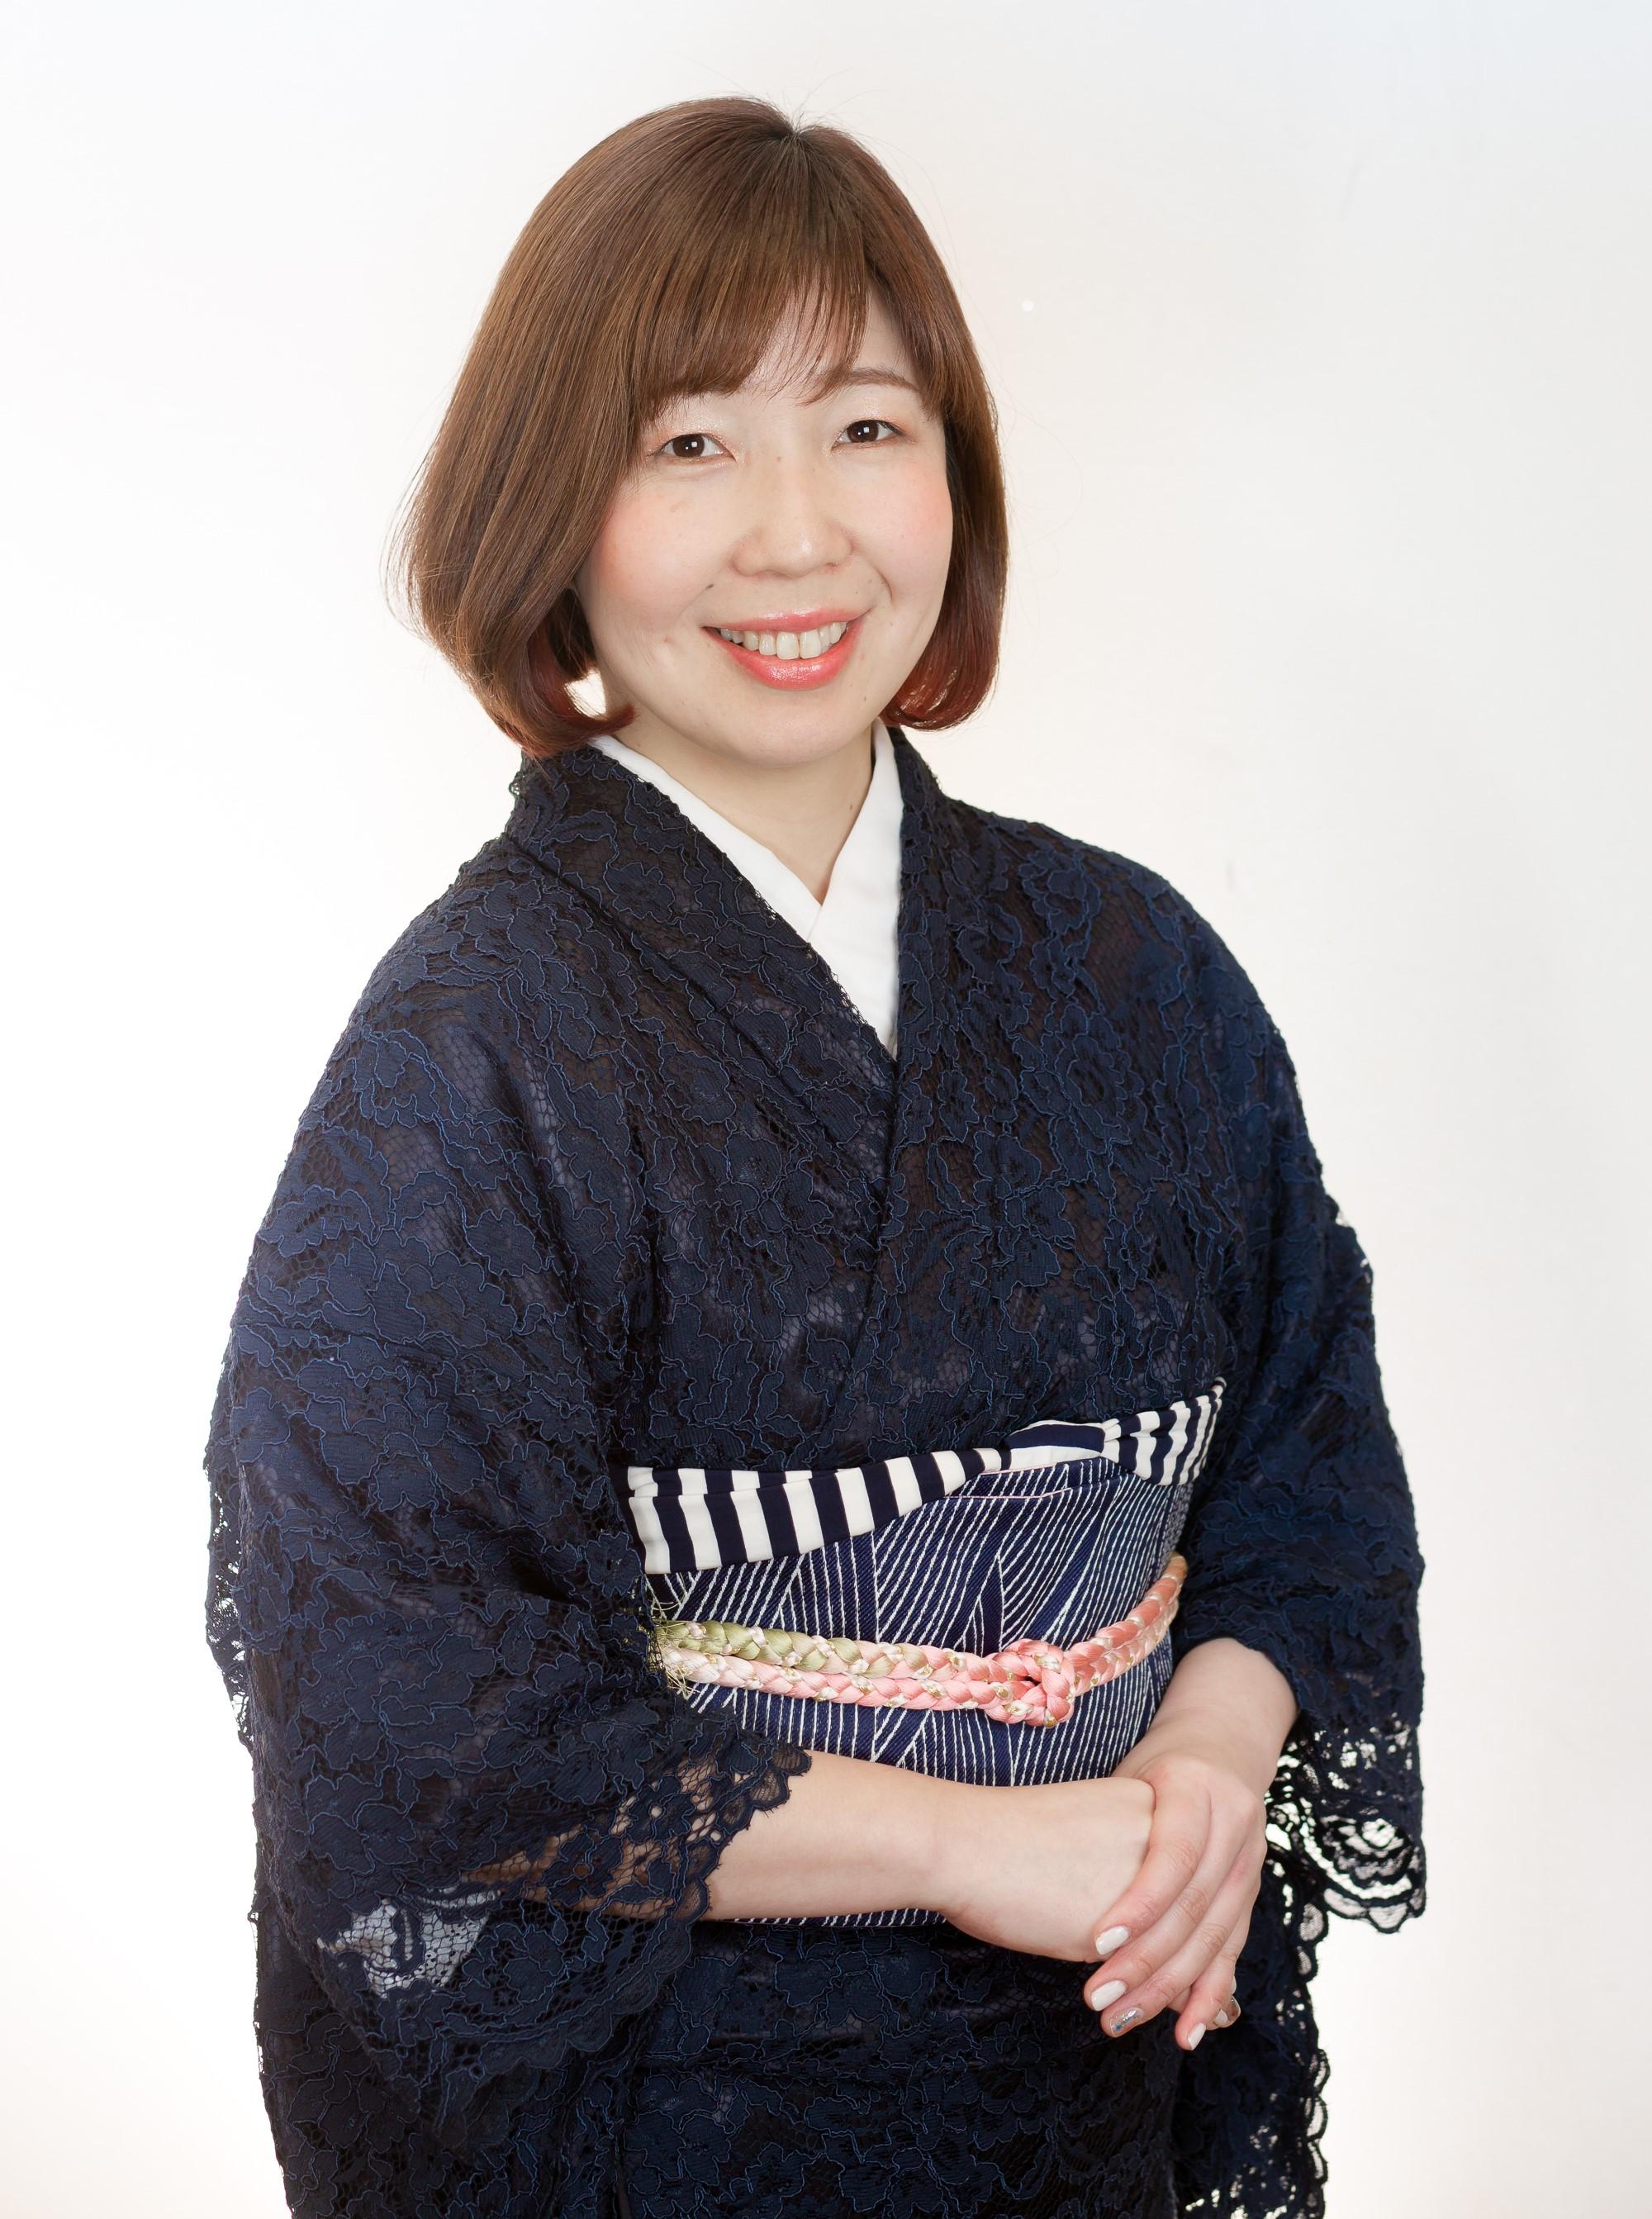 小嶋 亜希(こじま あき)